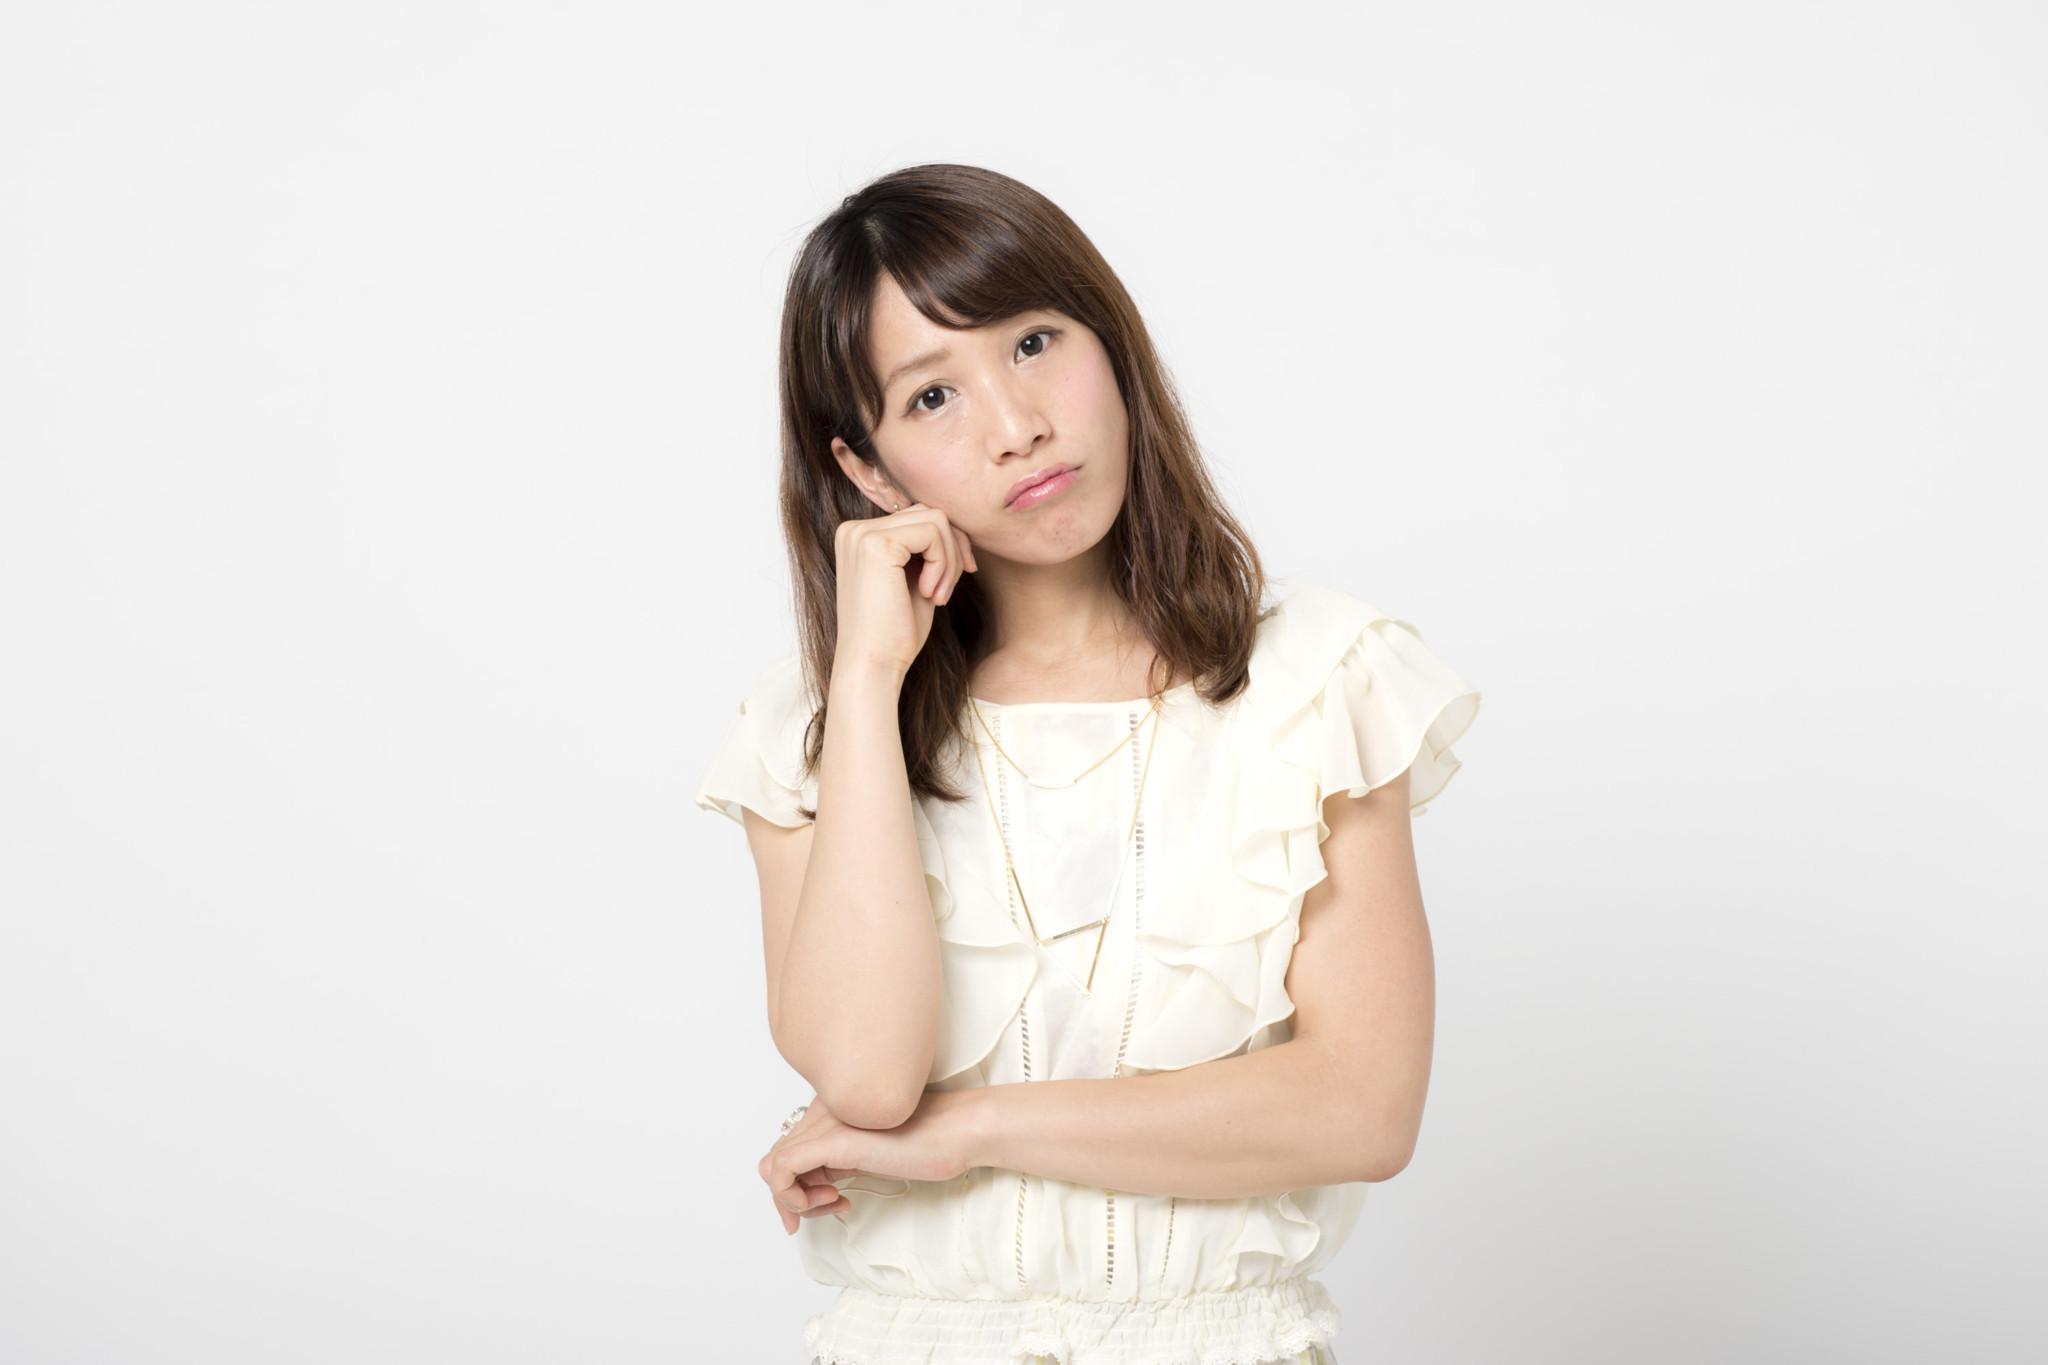 斉井夕絵さん(no.34)。32歳。